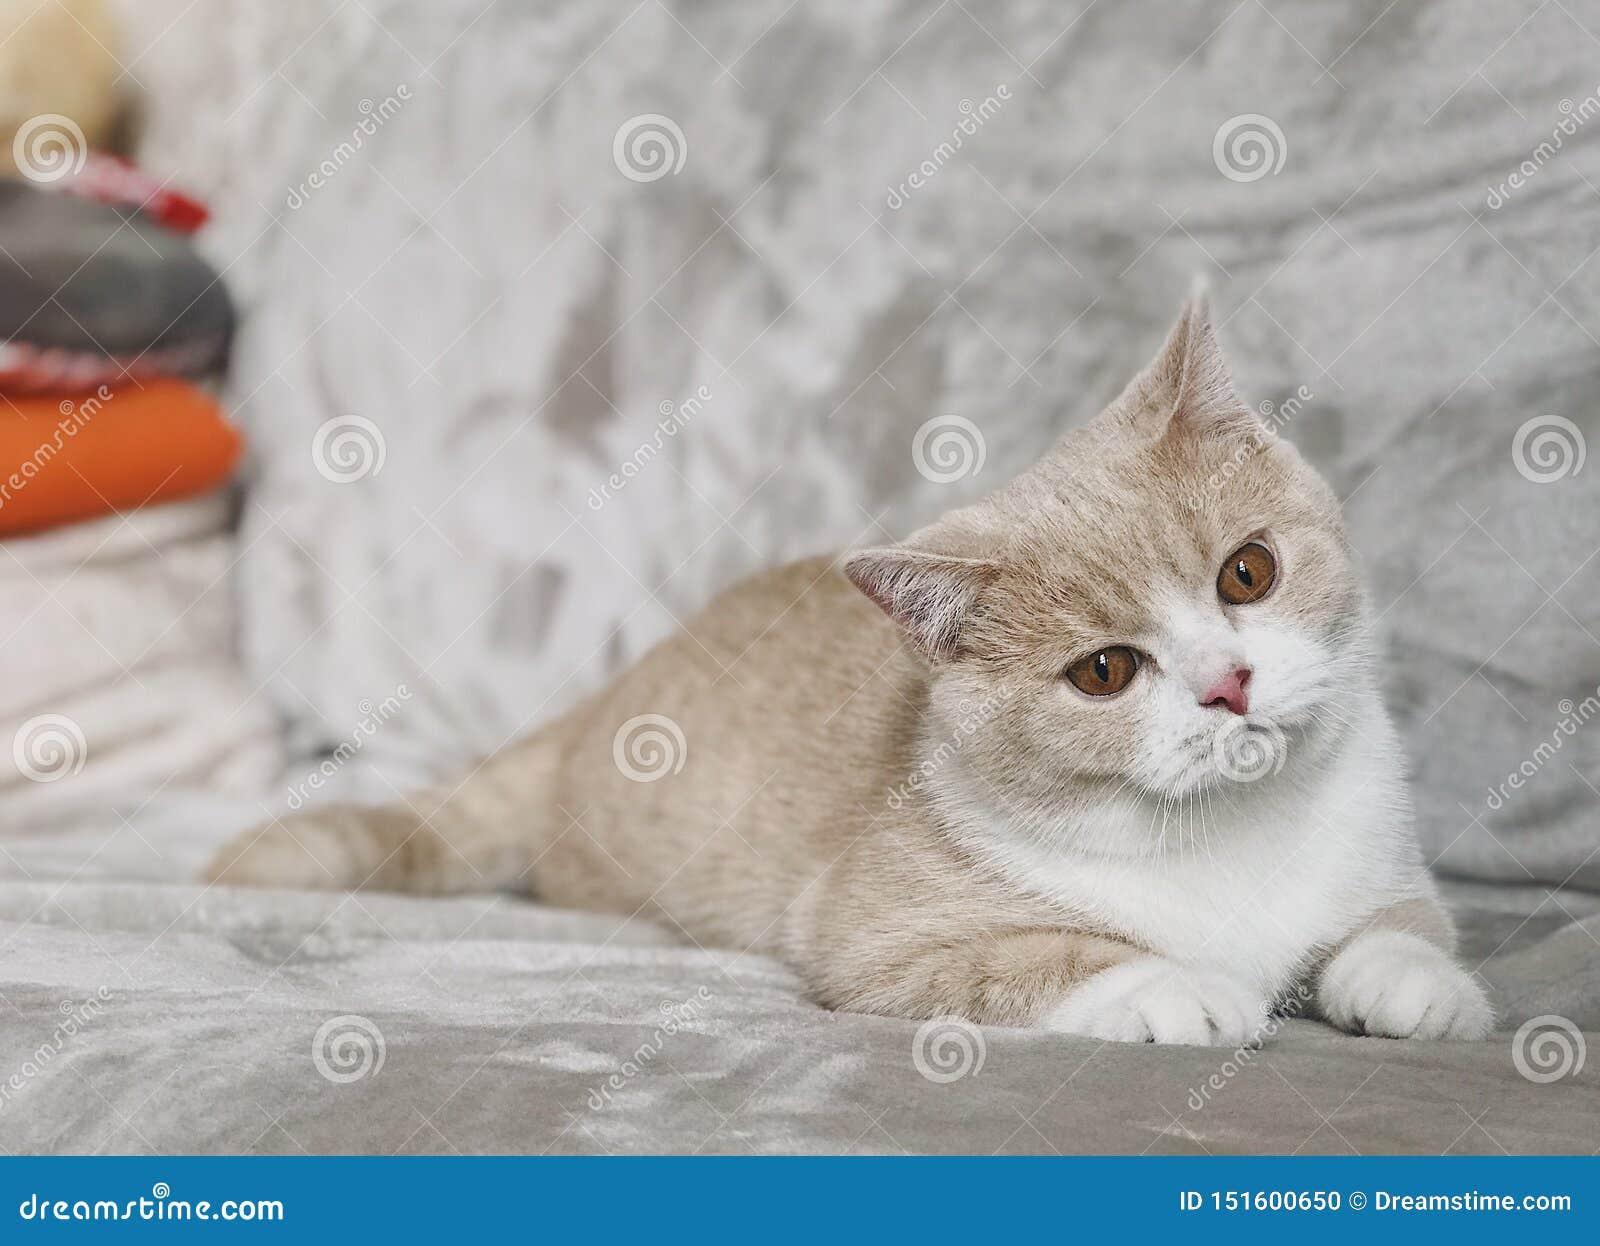 Gato británico del shorthair con los ojos grandes